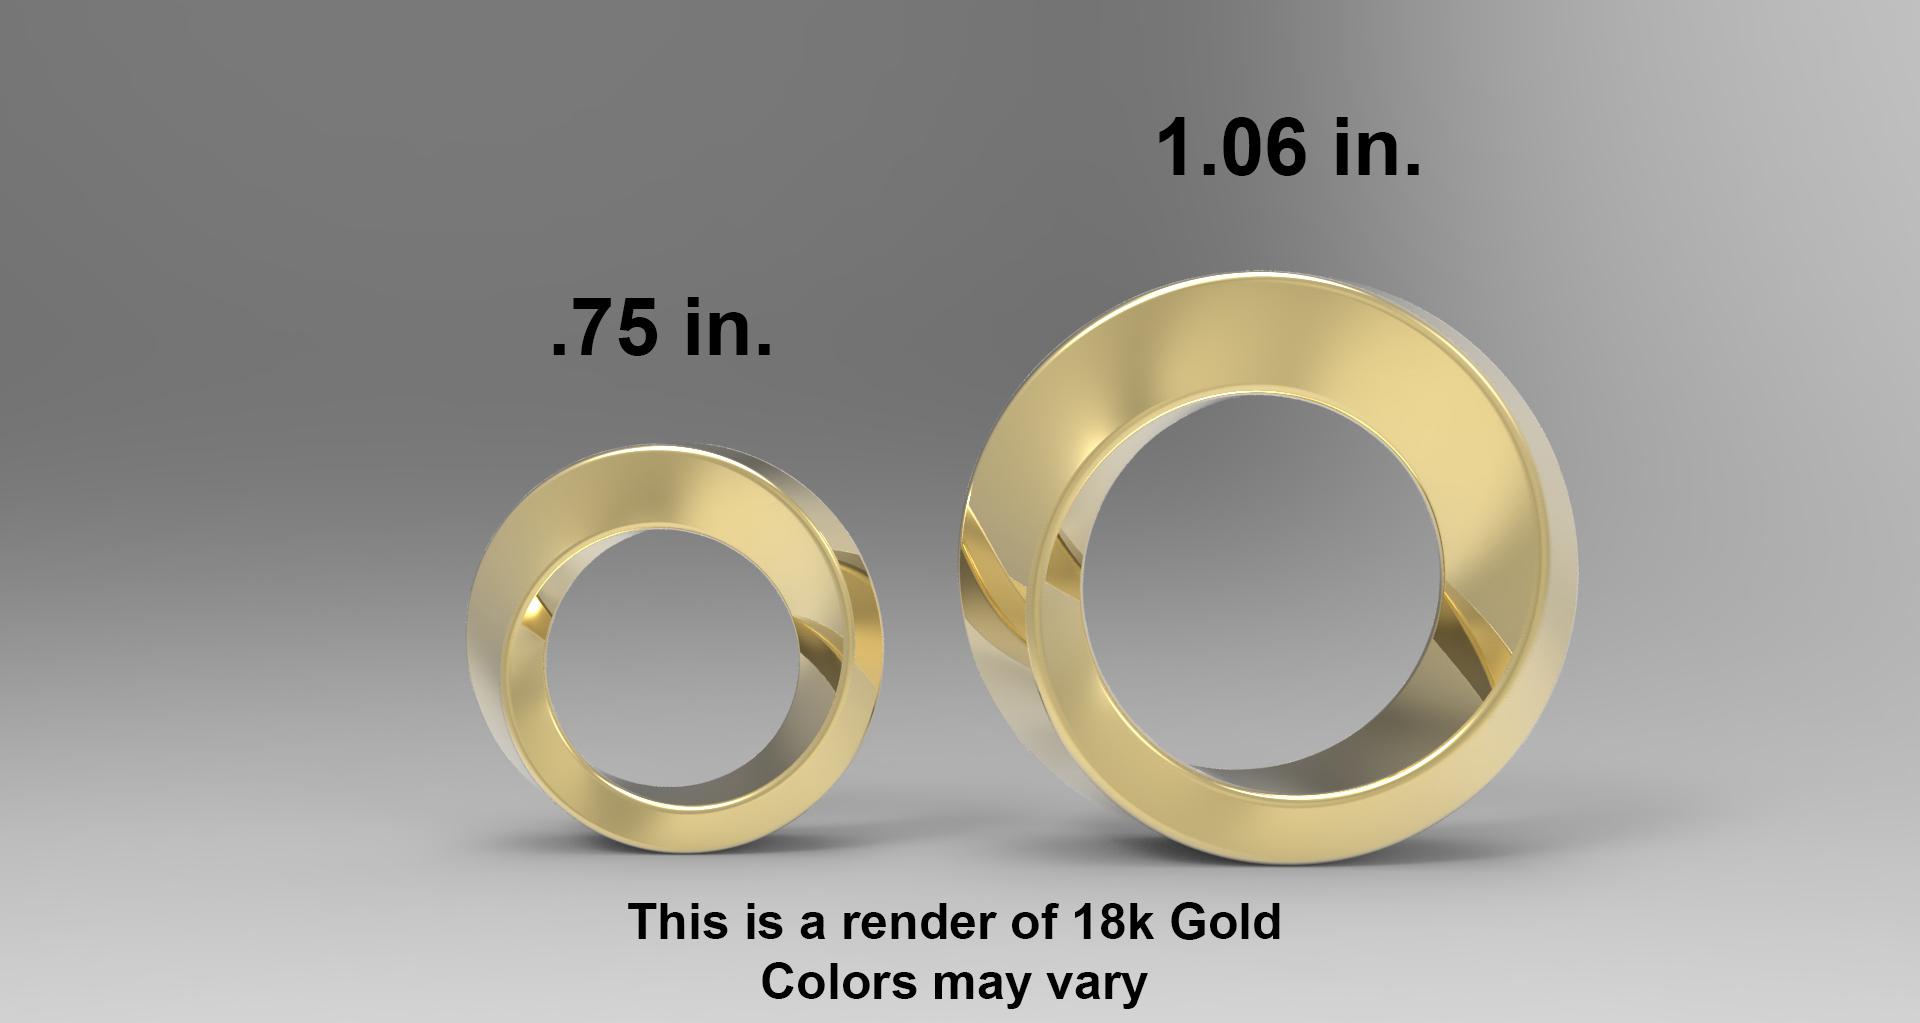 Gold Renders_edit.jpg